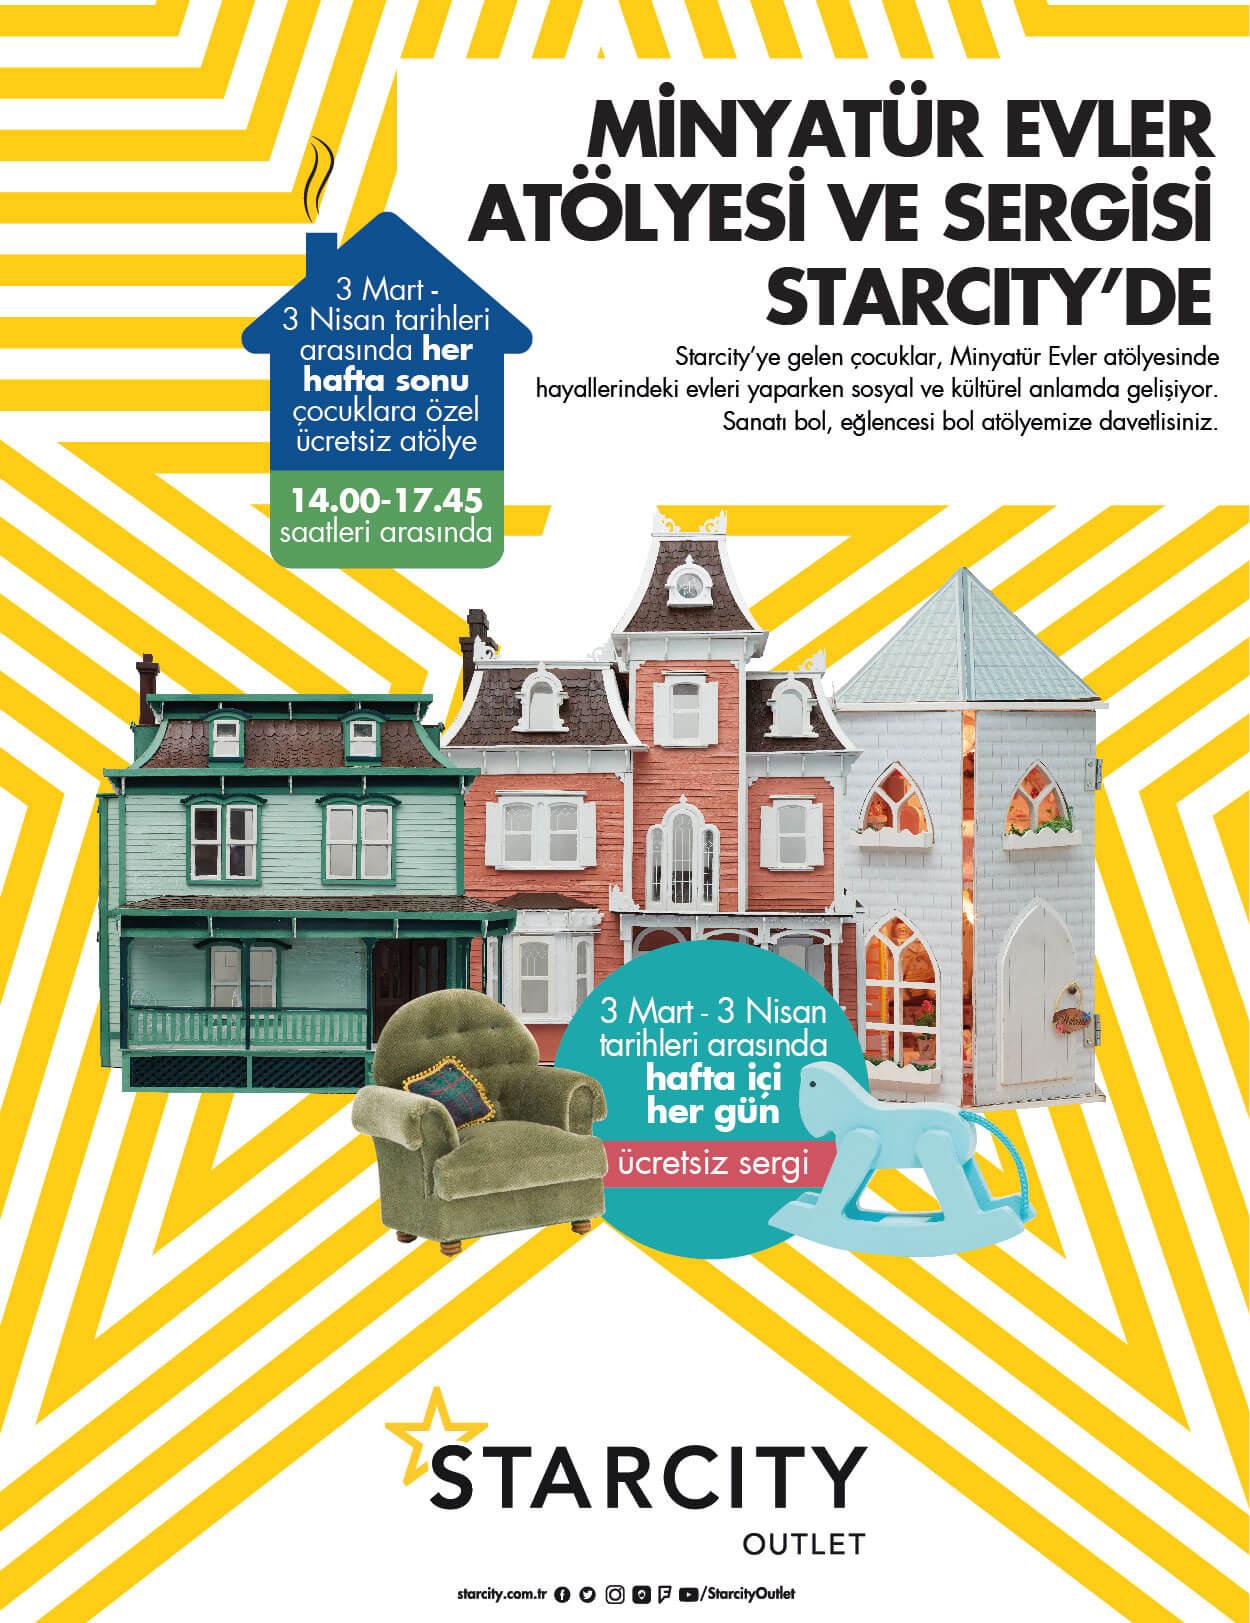 Minyatür Evler Atölyesi Ve Sergisi Starcity'de